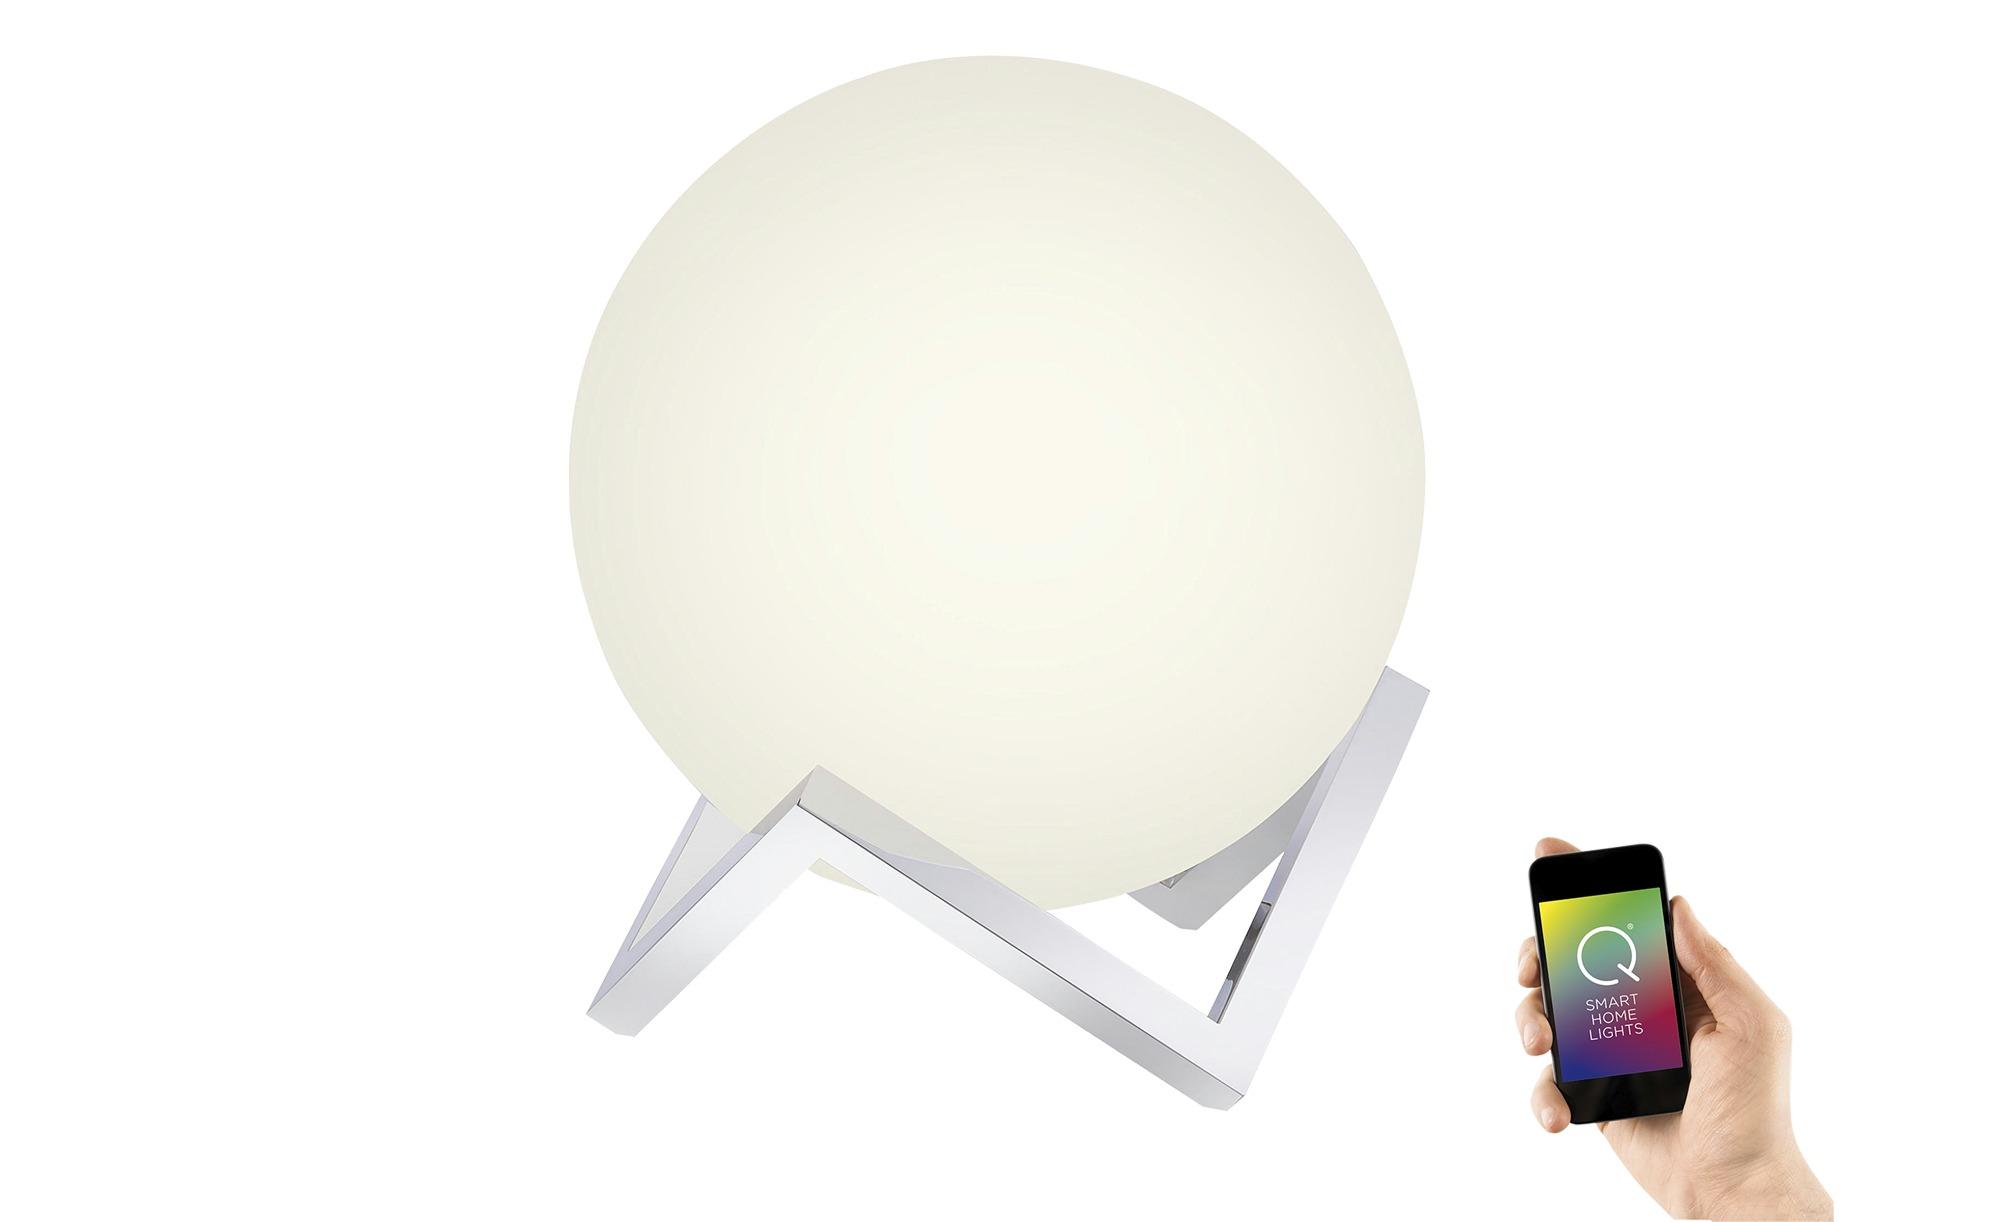 Q-Smart Home Lights Tischleuchte, Glas Kugel ¦ silber ¦ Maße (cm): H: 35 Ø: 30 Lampen & Leuchten > Innenleuchten > Tischlampen - Höffner